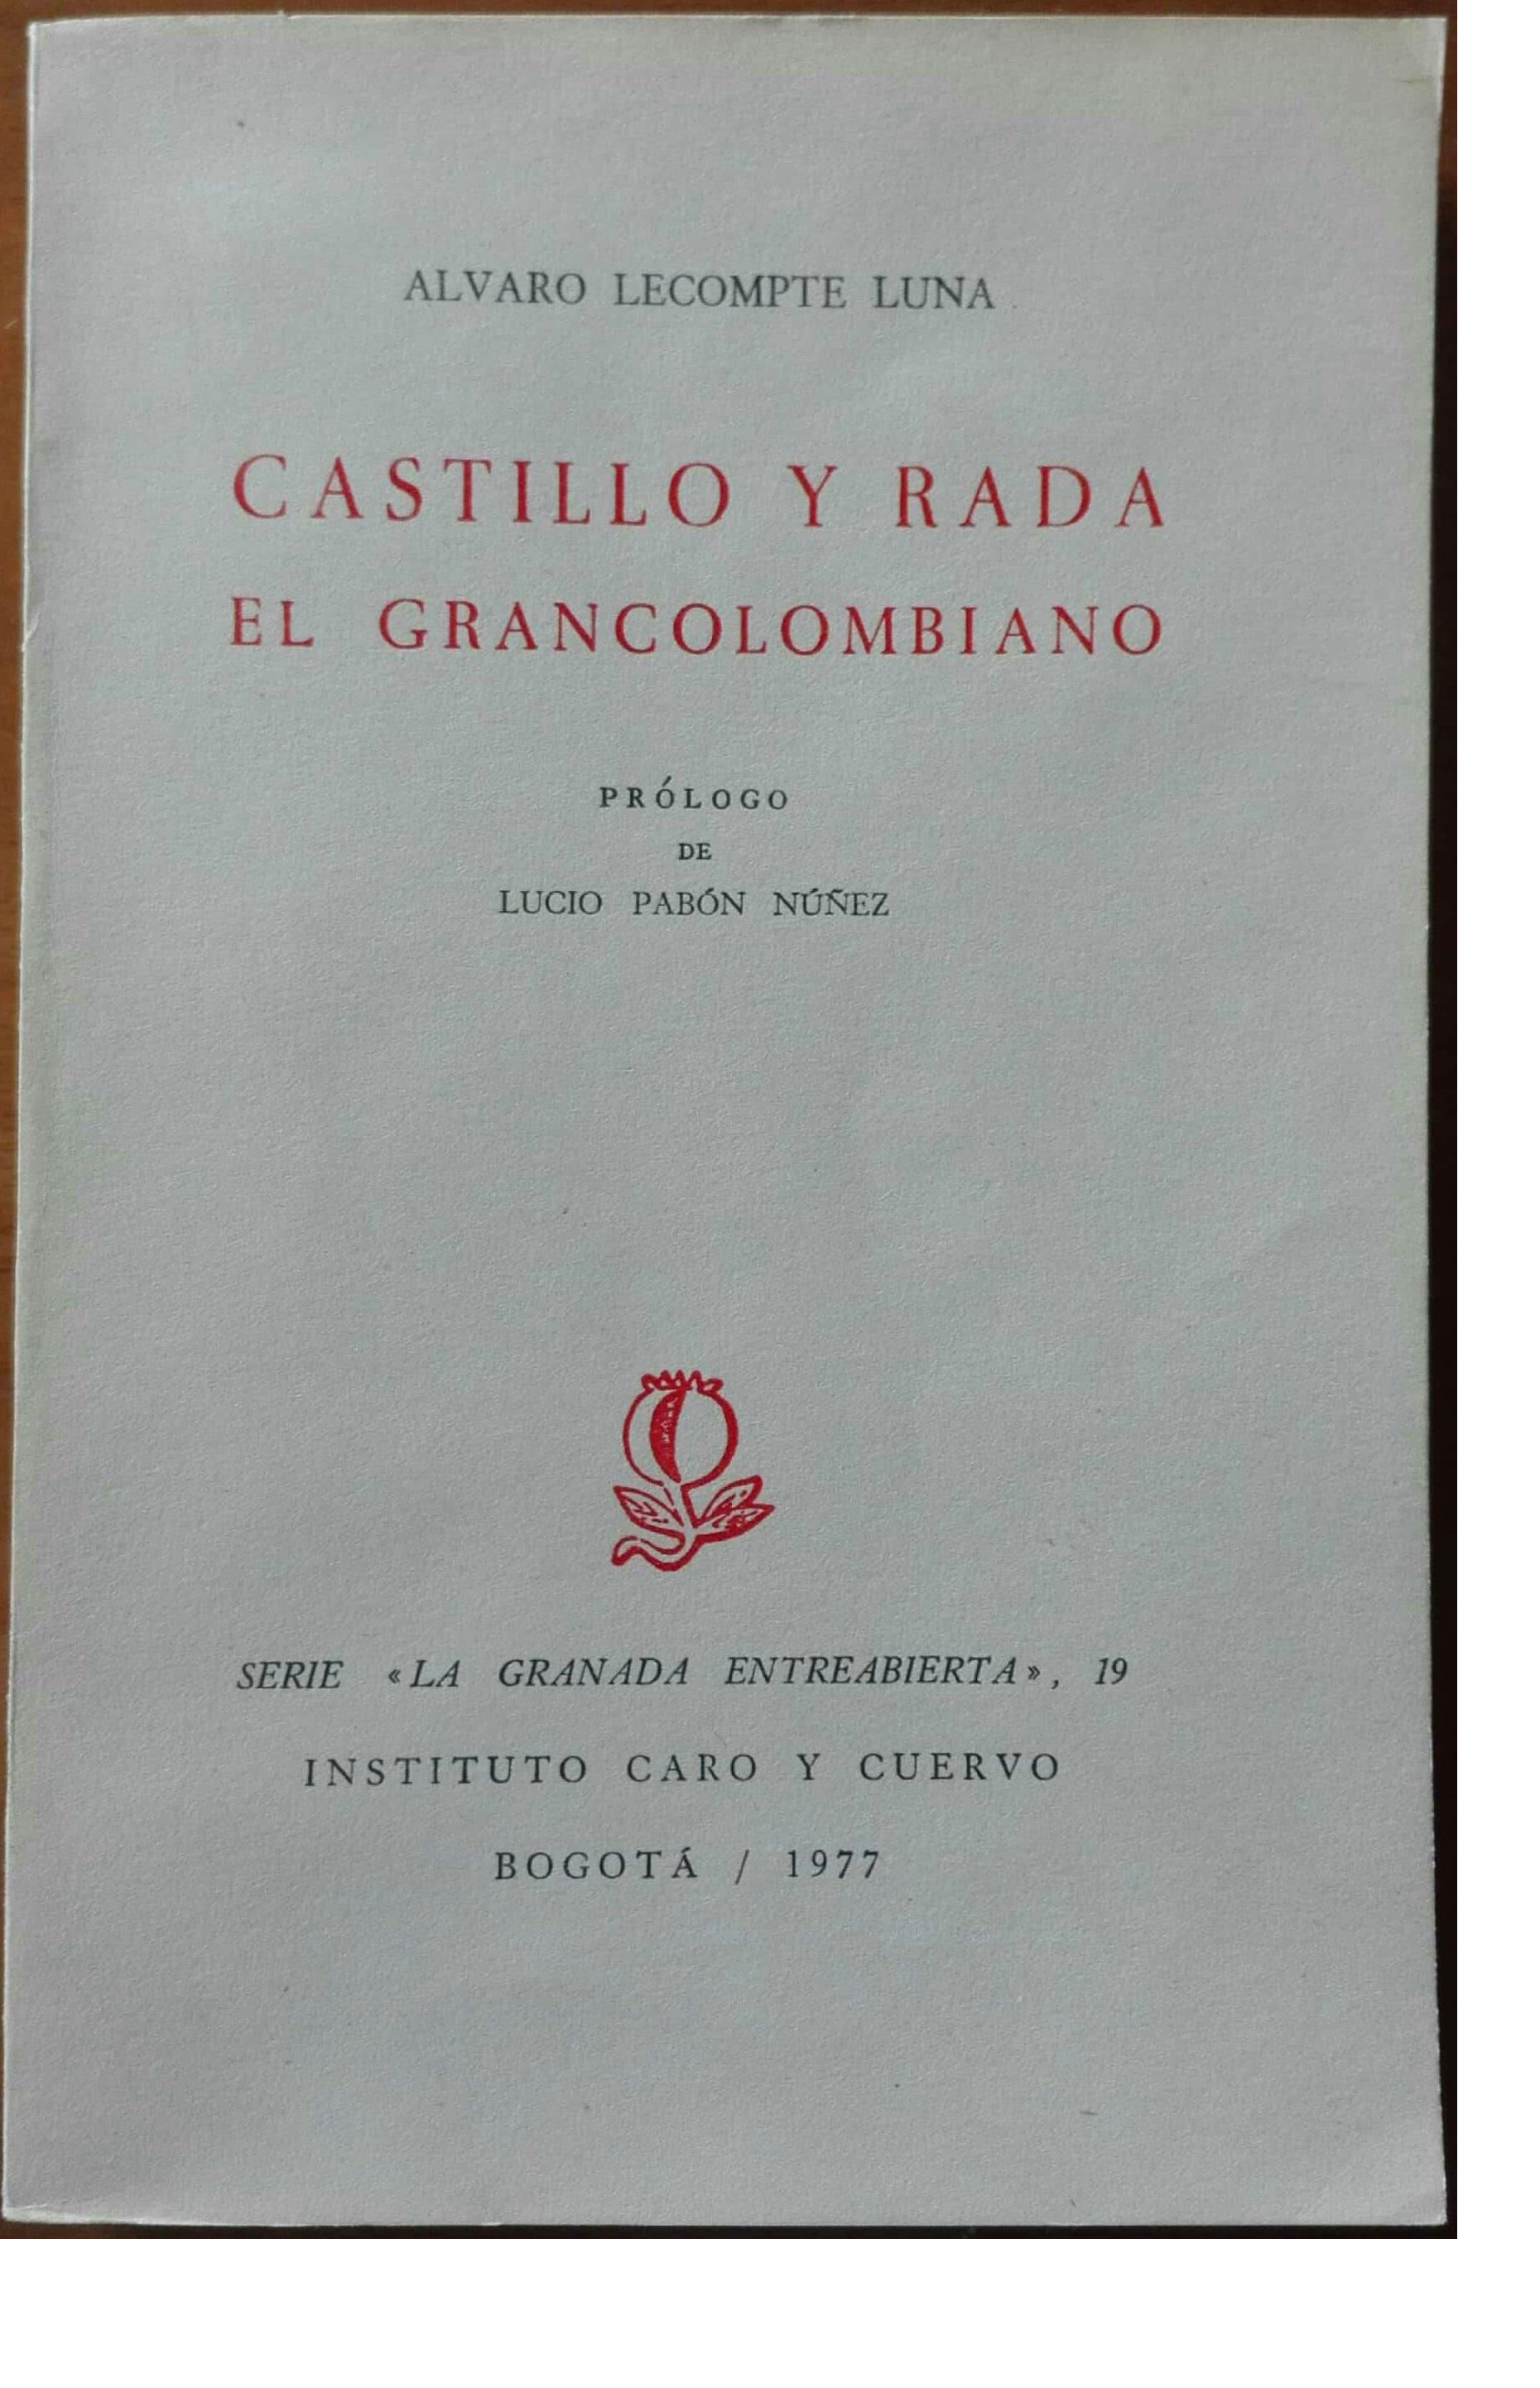 Castillos y Rada, el Grancolombiano